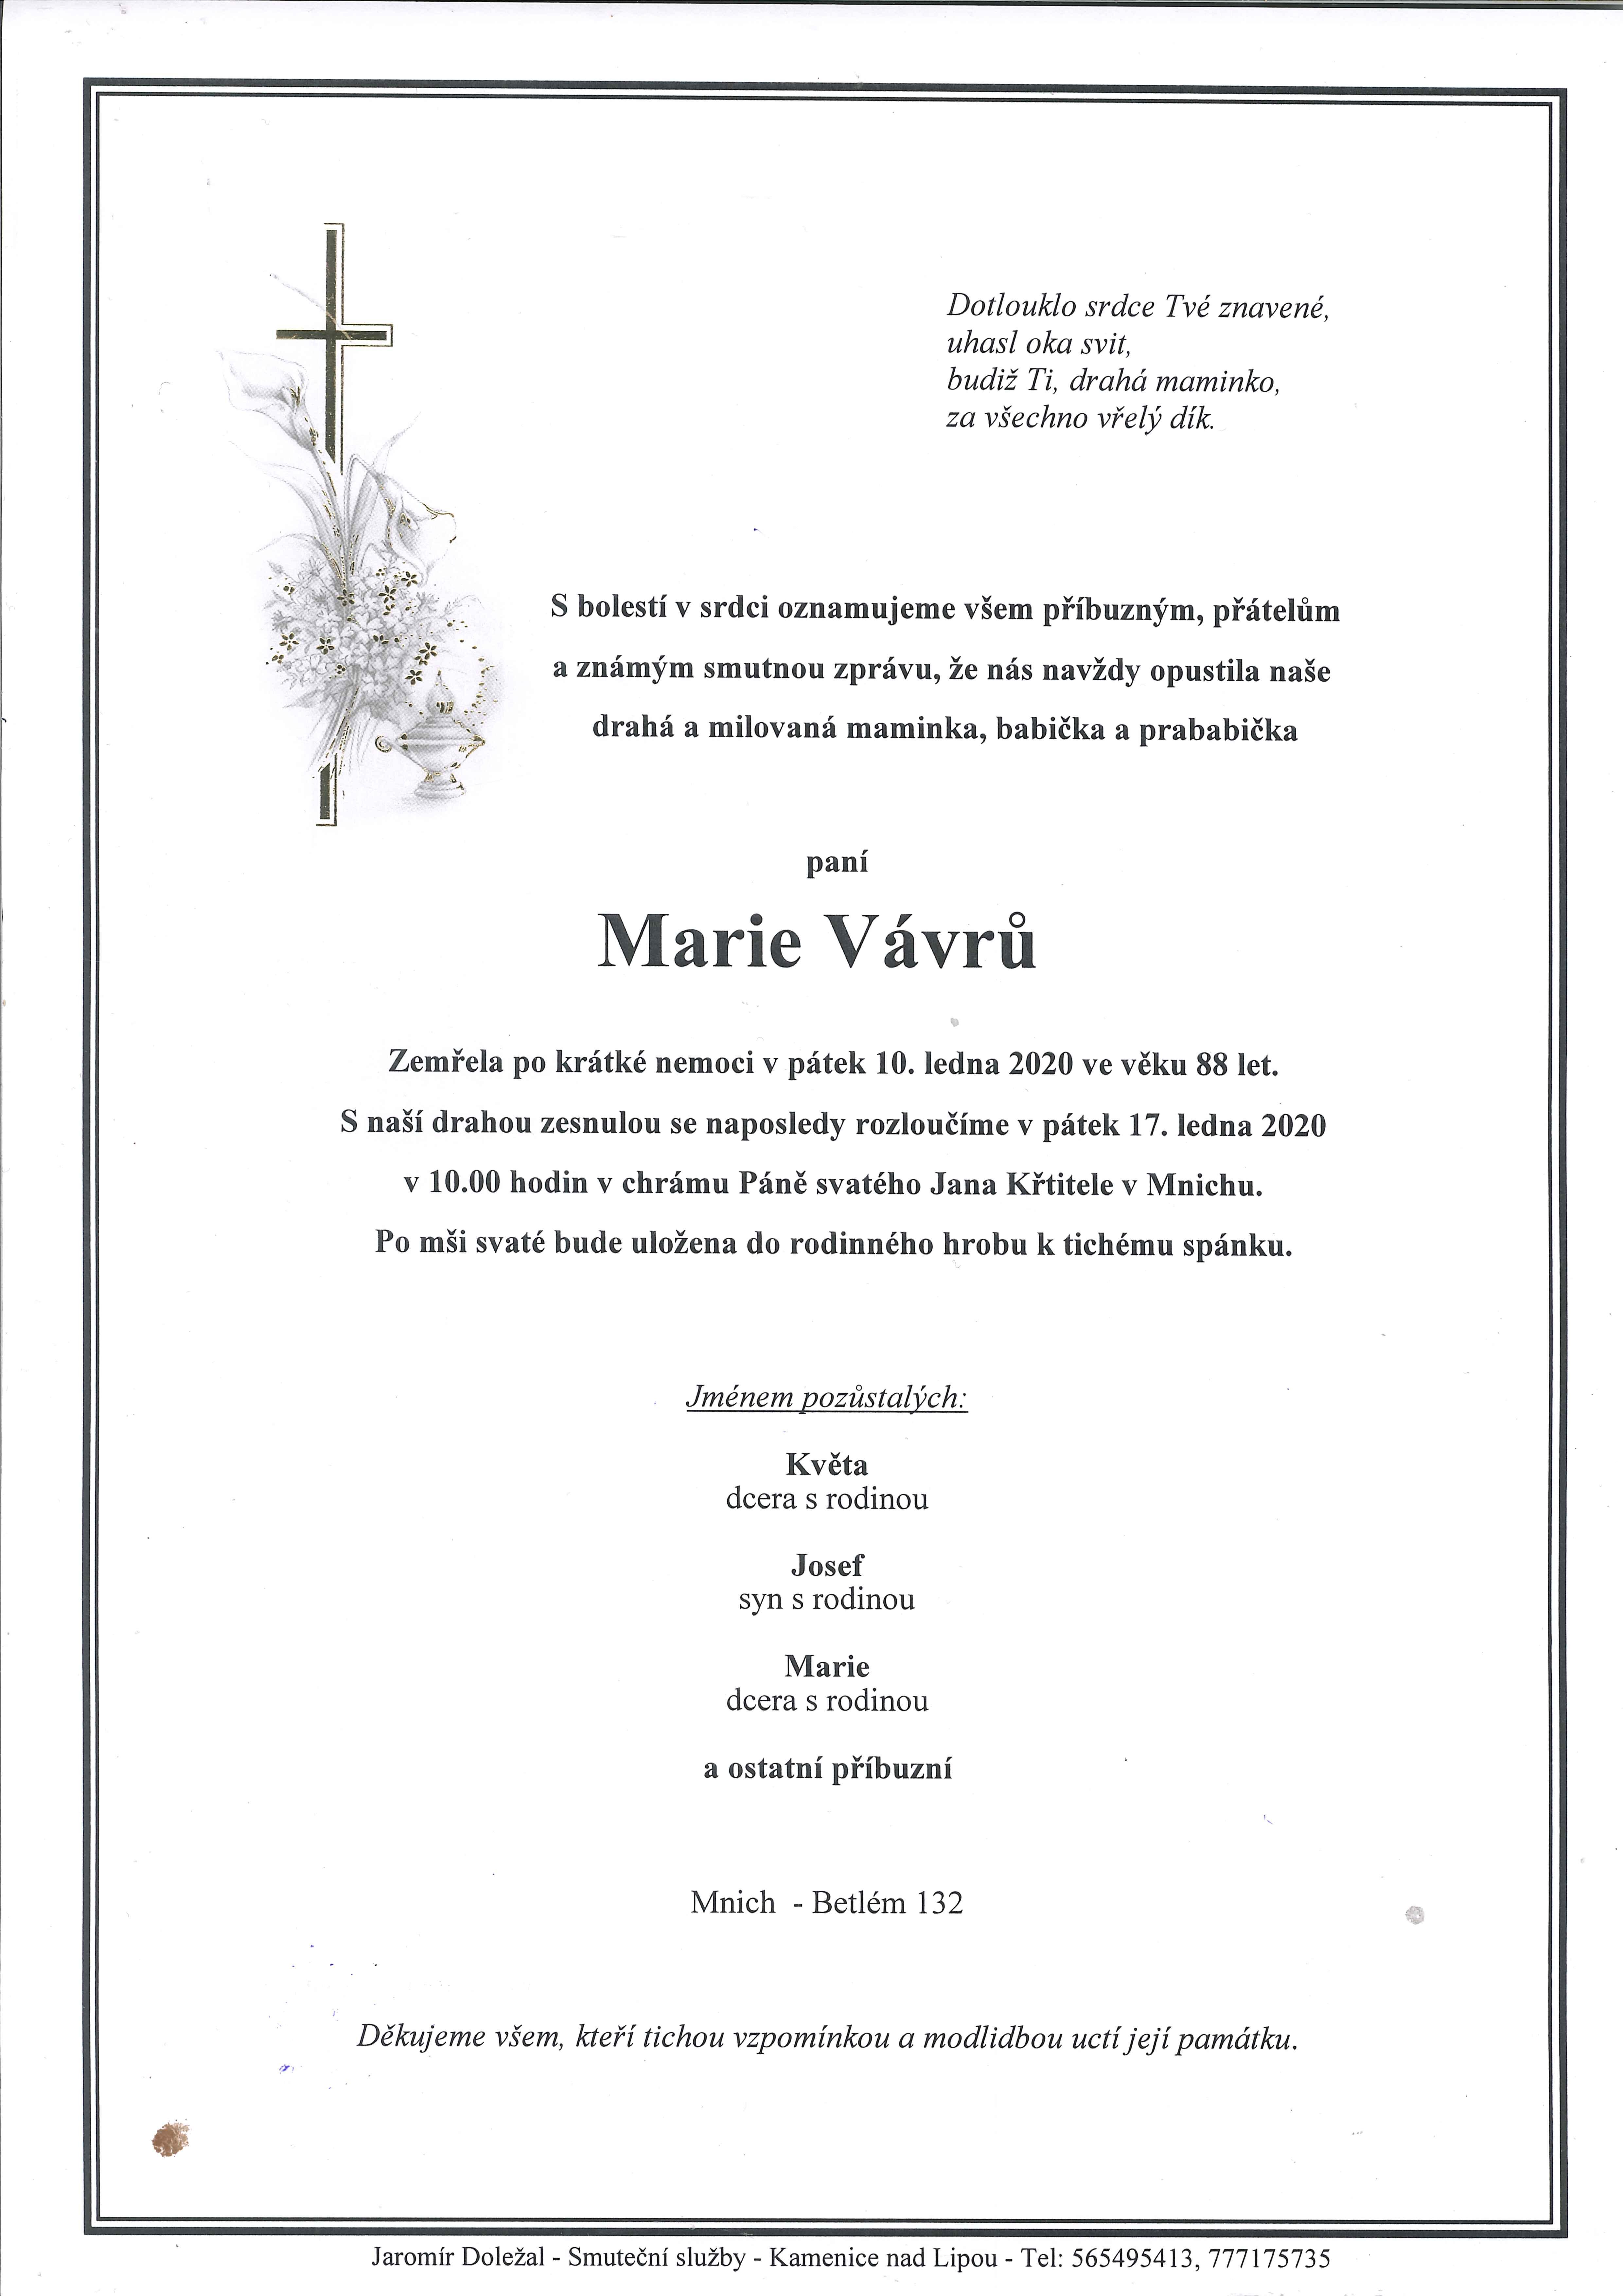 Marie Vávrů